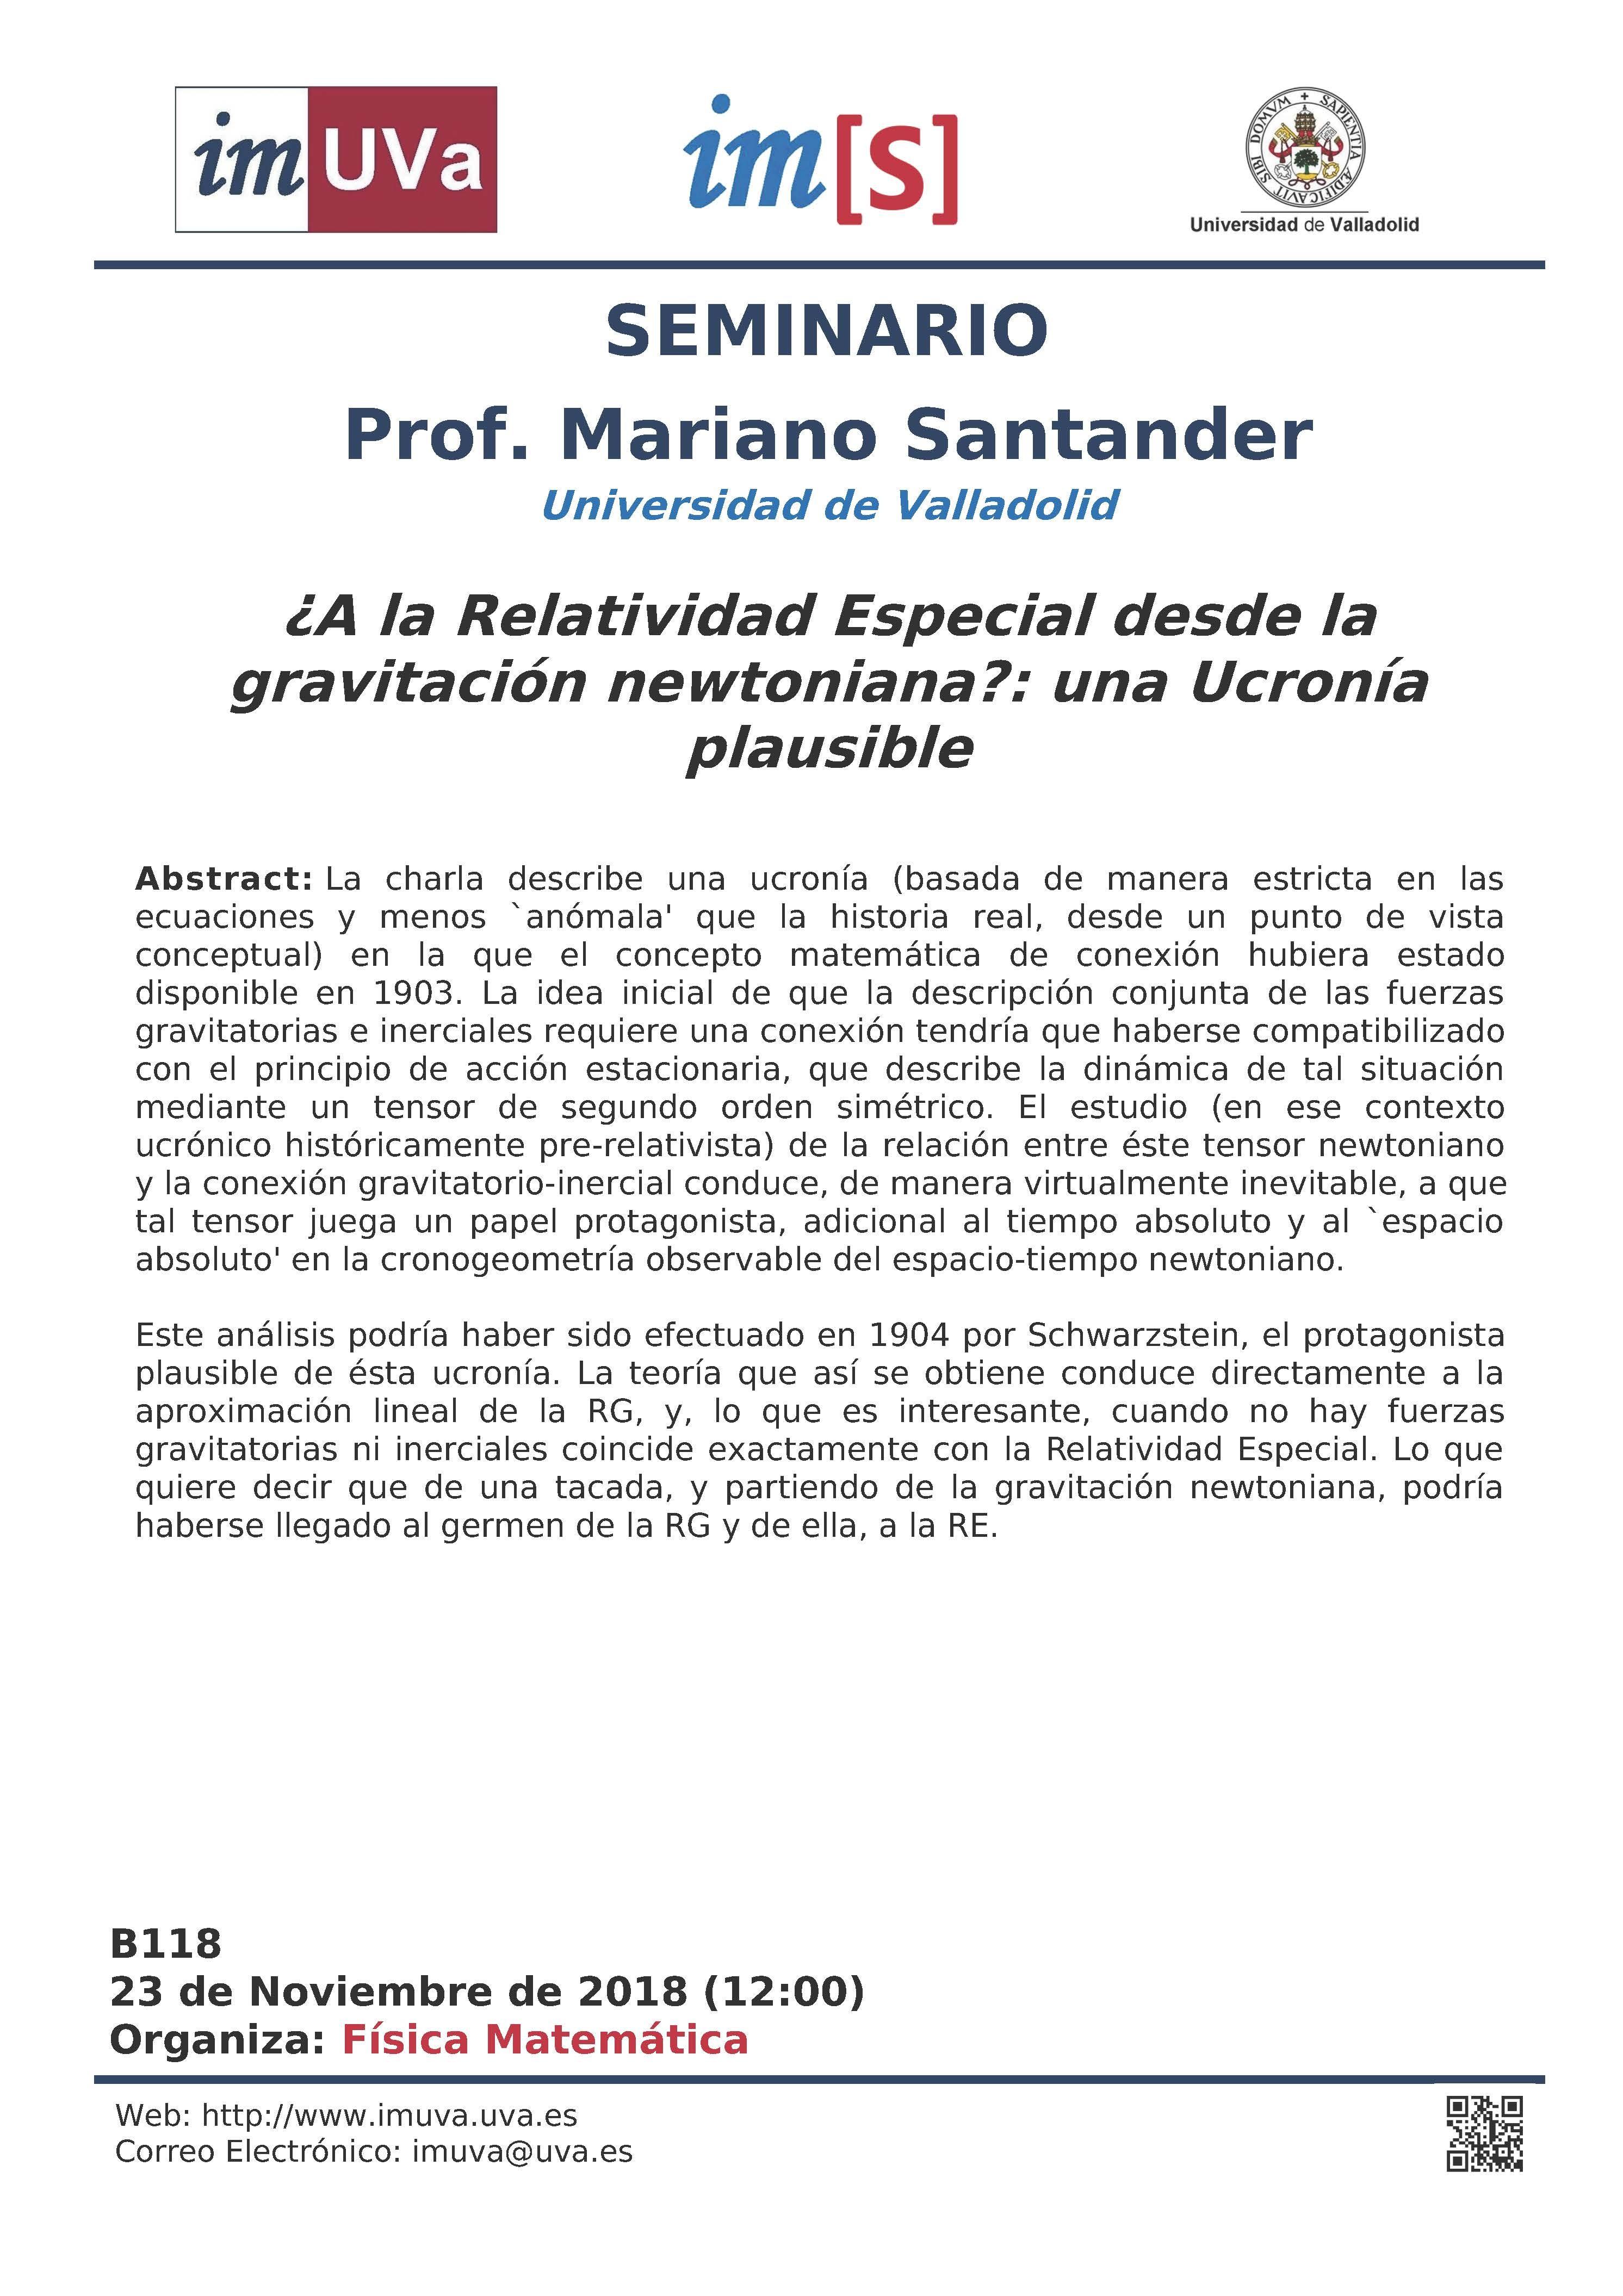 Calendario Laboral Oficial Barcelona 2019 Más Actual eventos Of Calendario Laboral Oficial Barcelona 2019 Más Recientes Boe Documento Consolidado Boe A 2018 9268